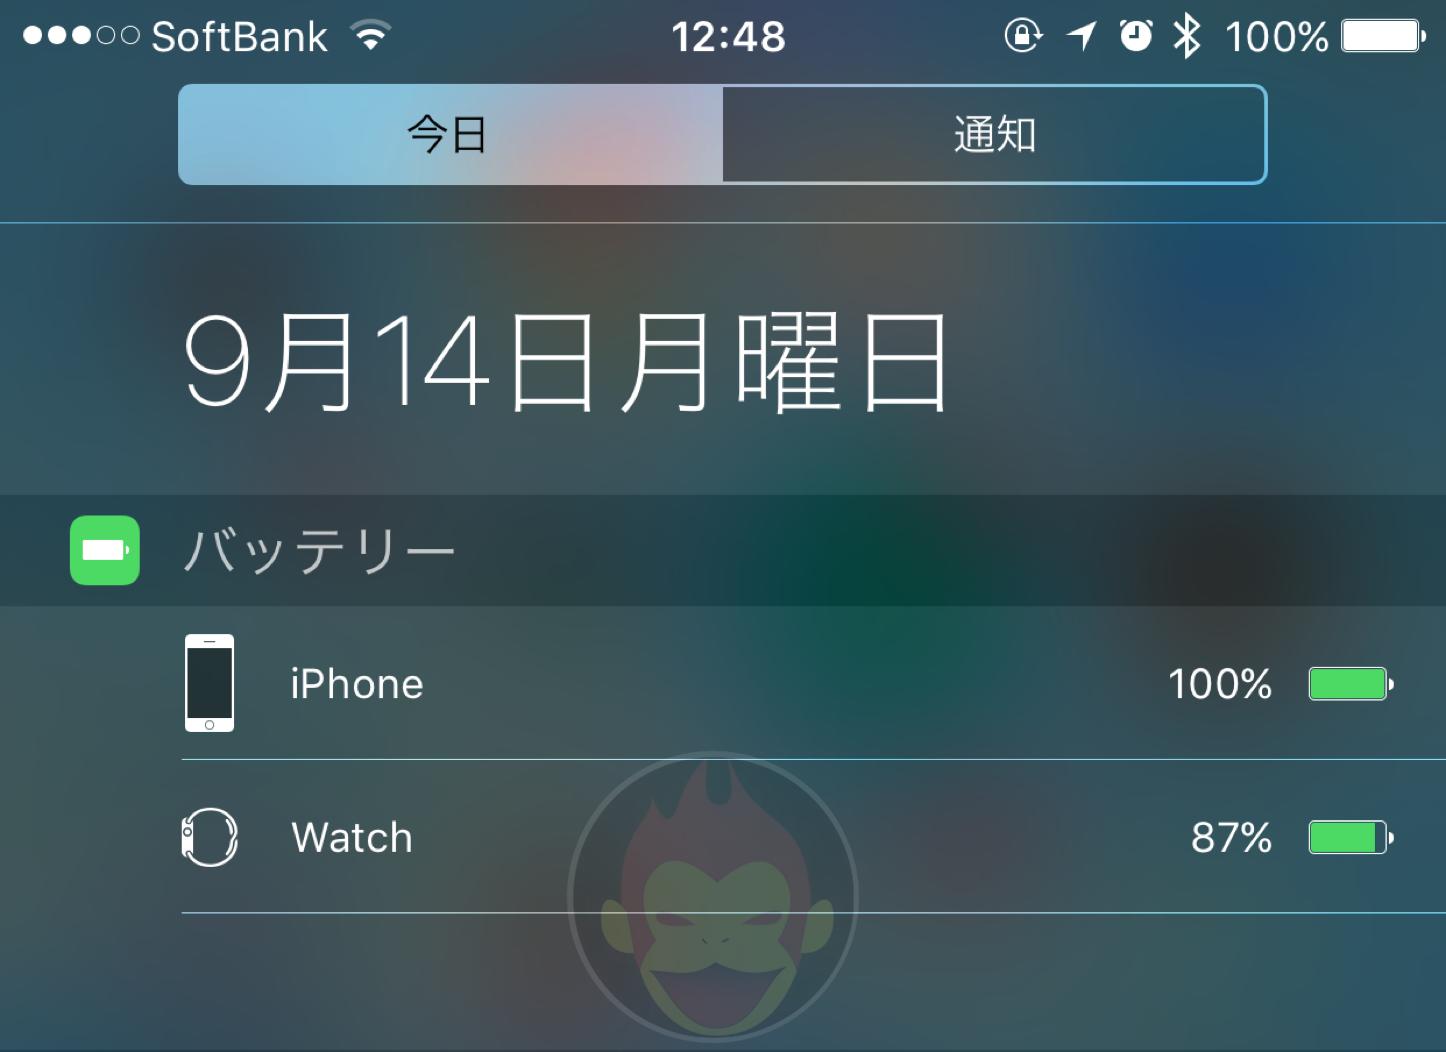 IOS 9 Widgets